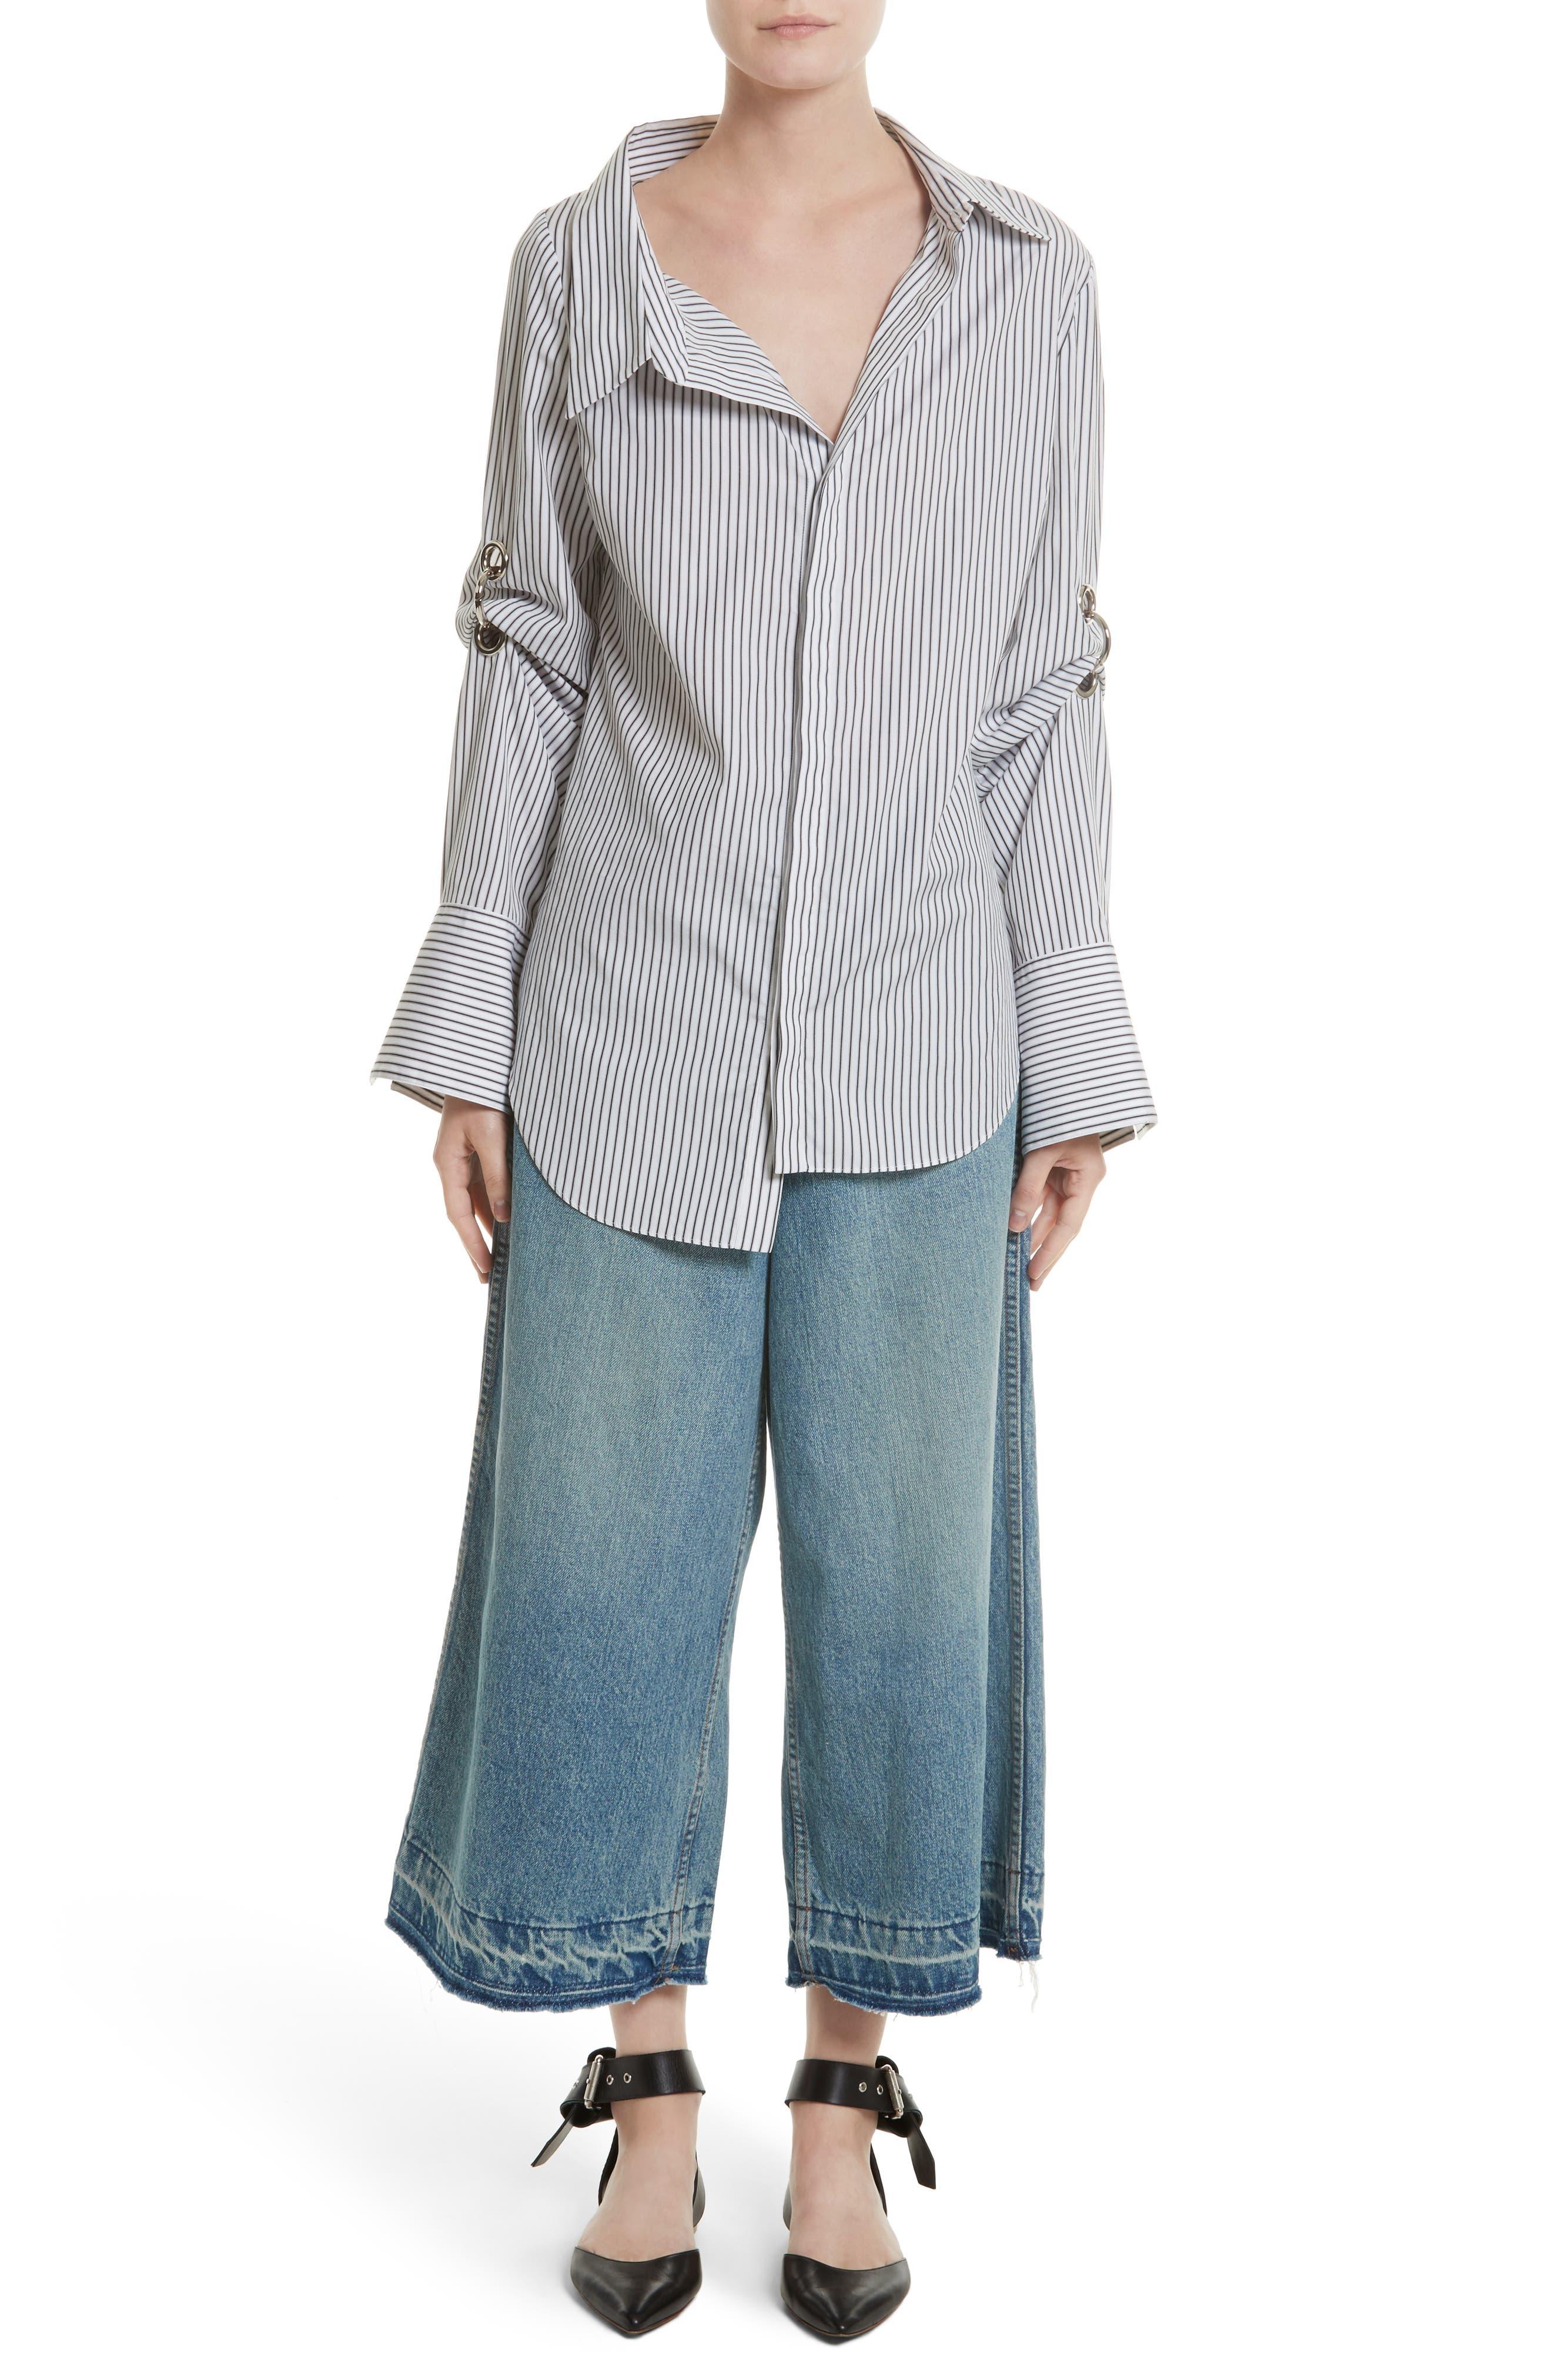 Grommet Scrunch Sleeve Shirt,                             Alternate thumbnail 6, color,                             Blue/ White